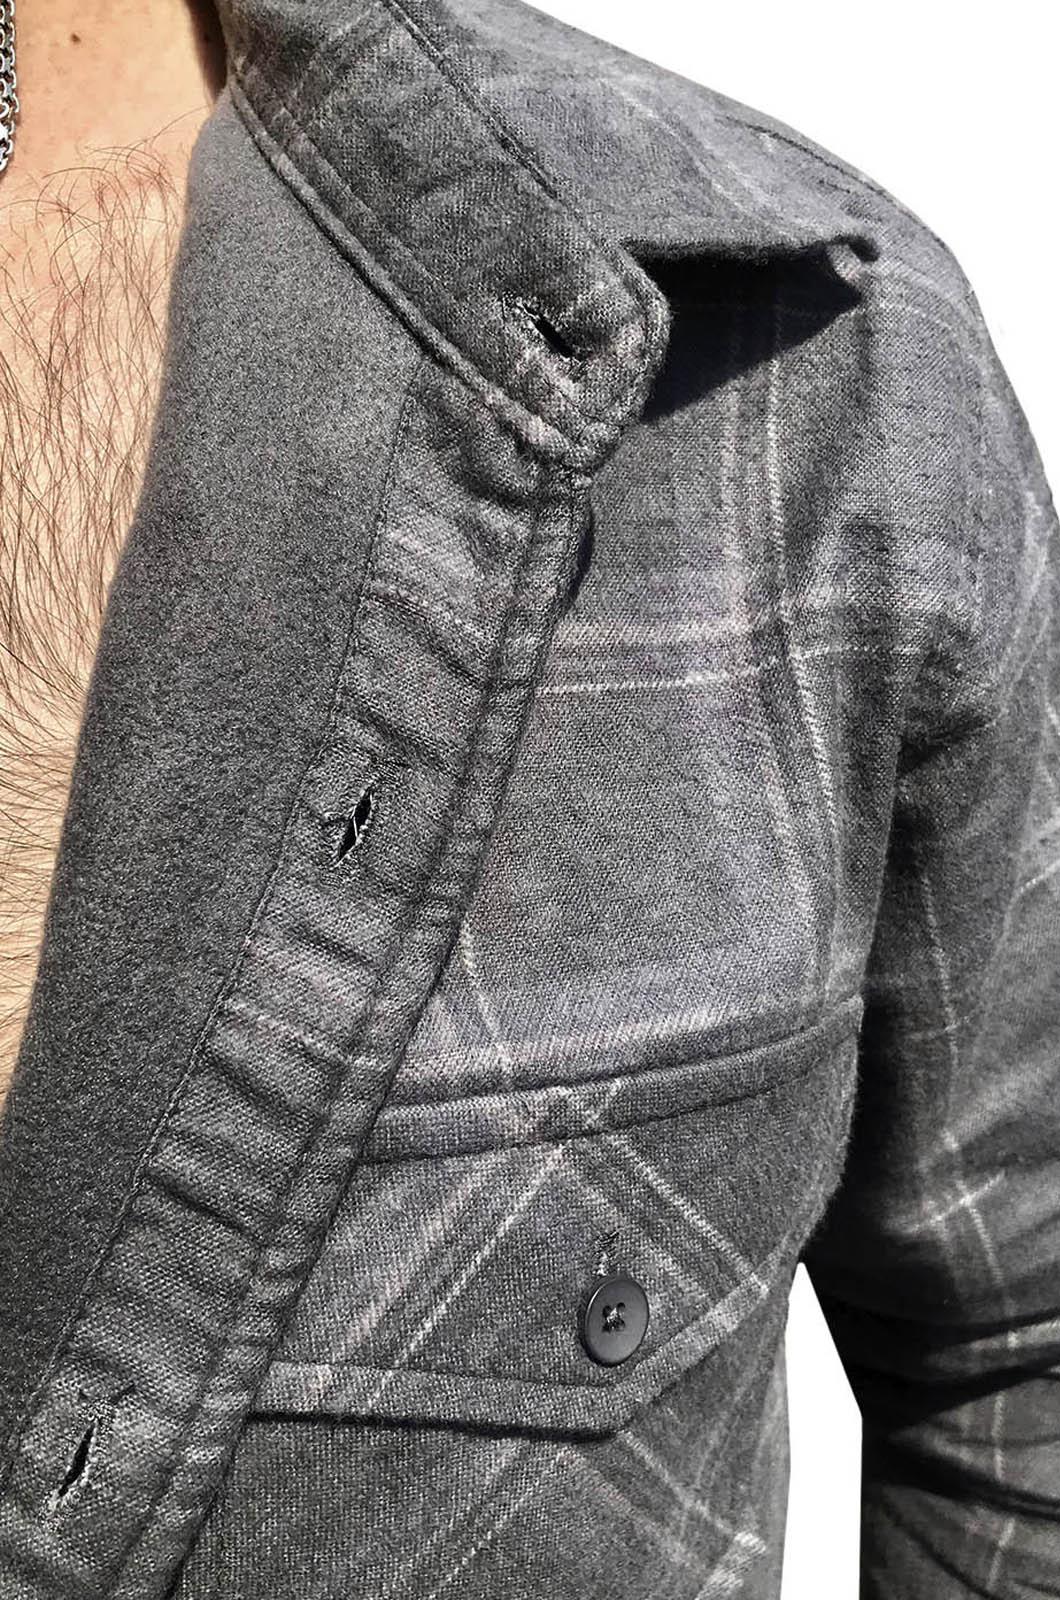 Серая рубашка с вышитым шевроном  Артиллерия России - заказать онлайн